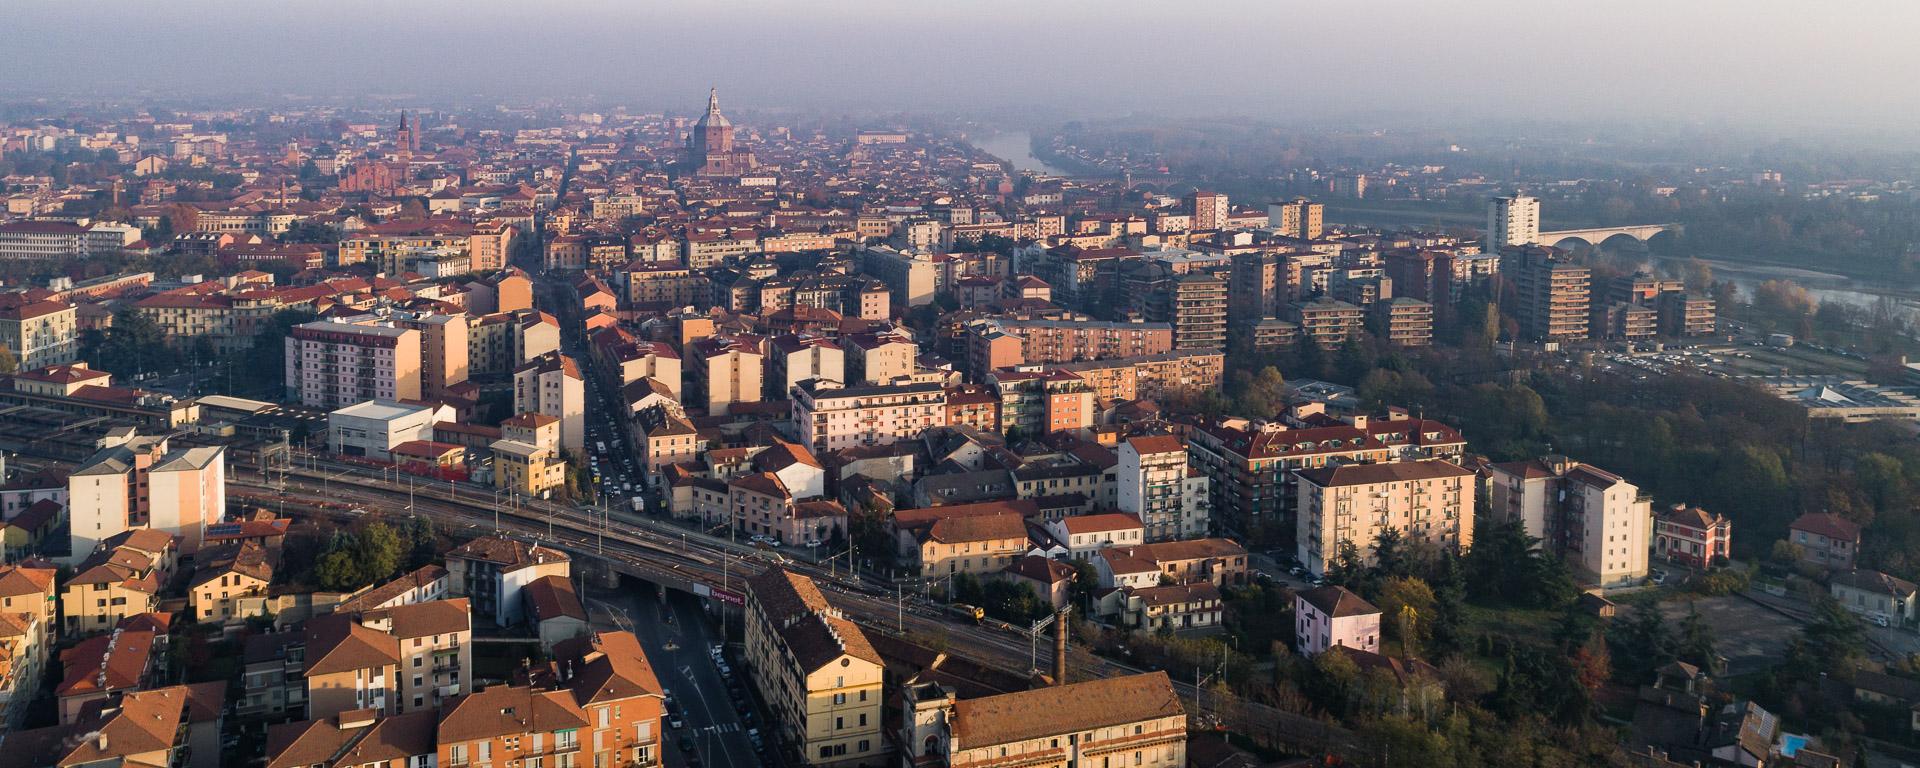 DJI_0064-antonello-zoffoli-drone-pavia-architettura-rilievi